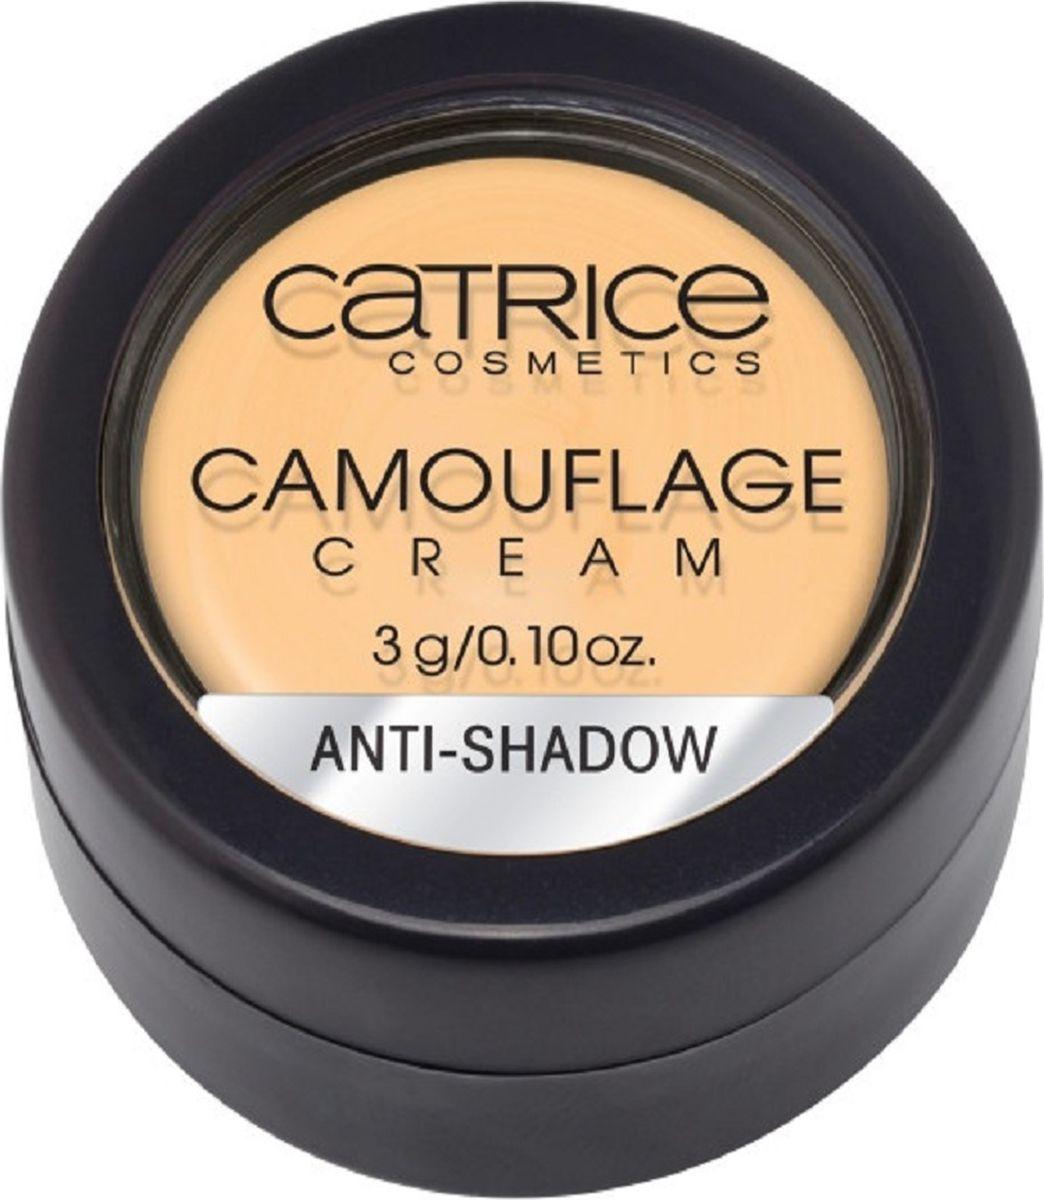 Catrice Консилер Camouflage Cream Anti-Shadow, 14 г759850Матовый корректор Camouflage Cream нейтрализует и перекрывает любые совершенства кожи. Стойкая текстура и непревзойденные маскирующие свойства в сочетании с мягкой, легко поддающейся растушевке кремовой текстурой, гарантируют безупречный результат: идеально ровный тон кожи без видимых недостатков.